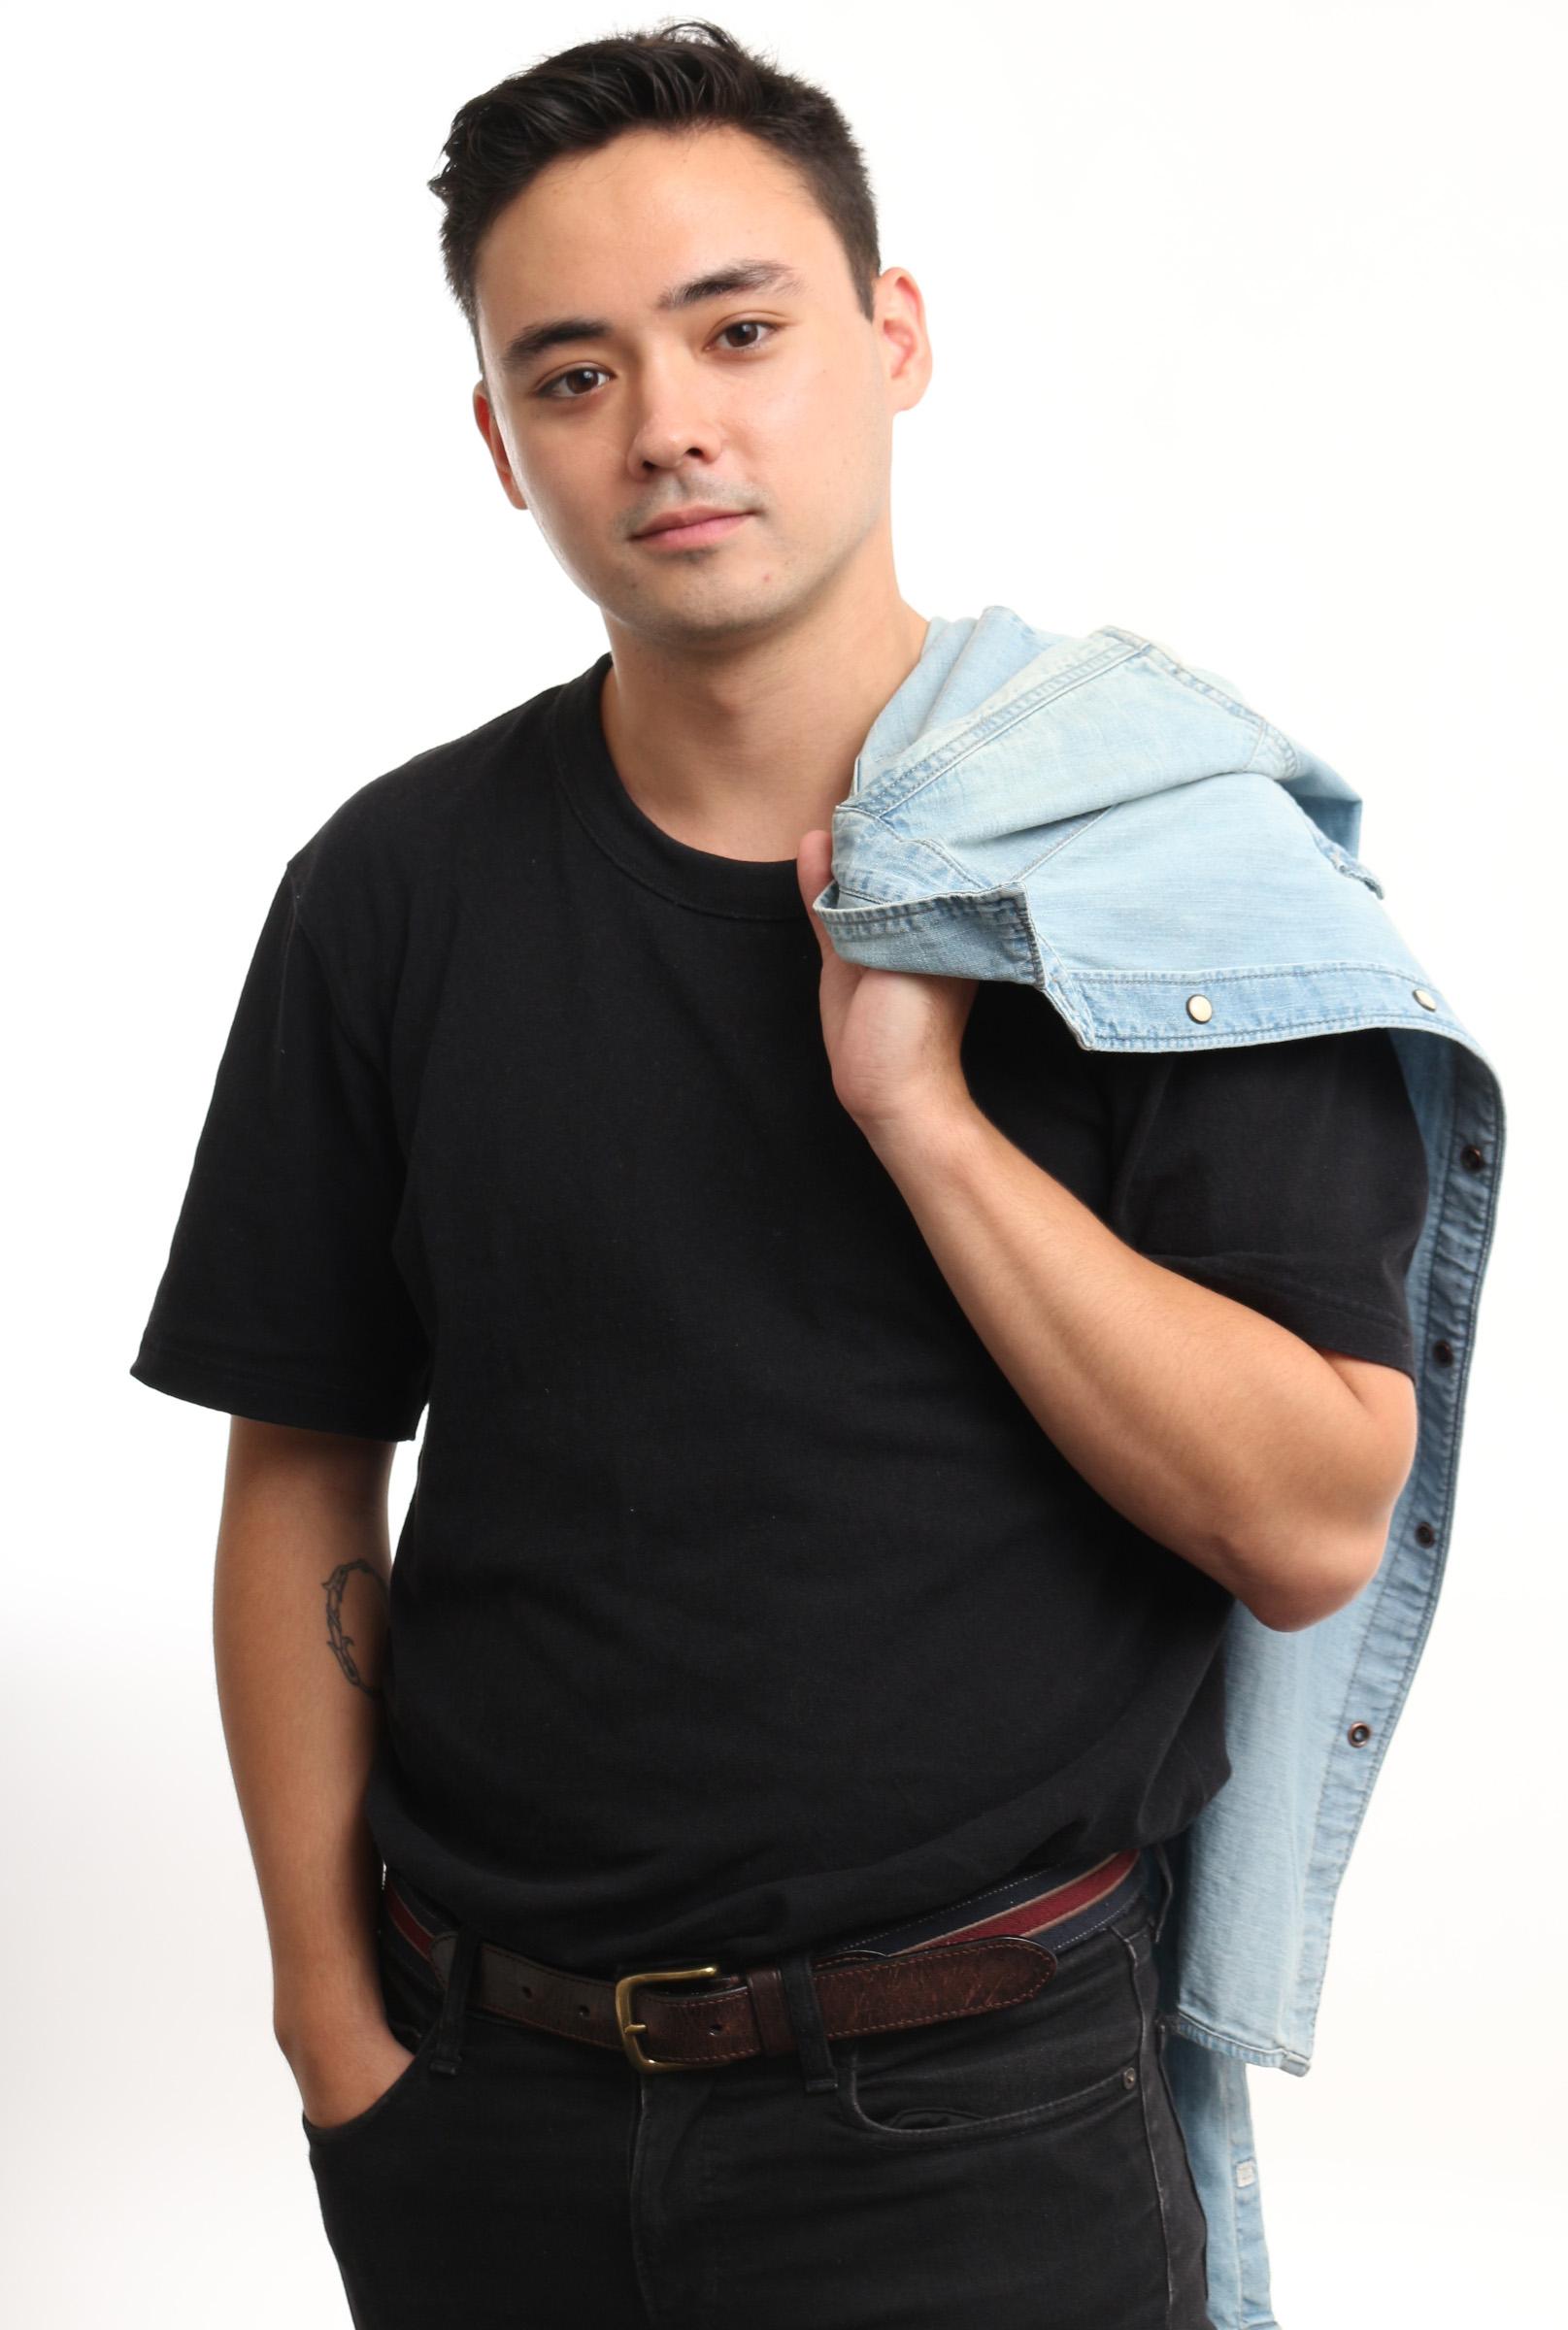 外国人モデル/外国人俳優 トム・Hの写真3